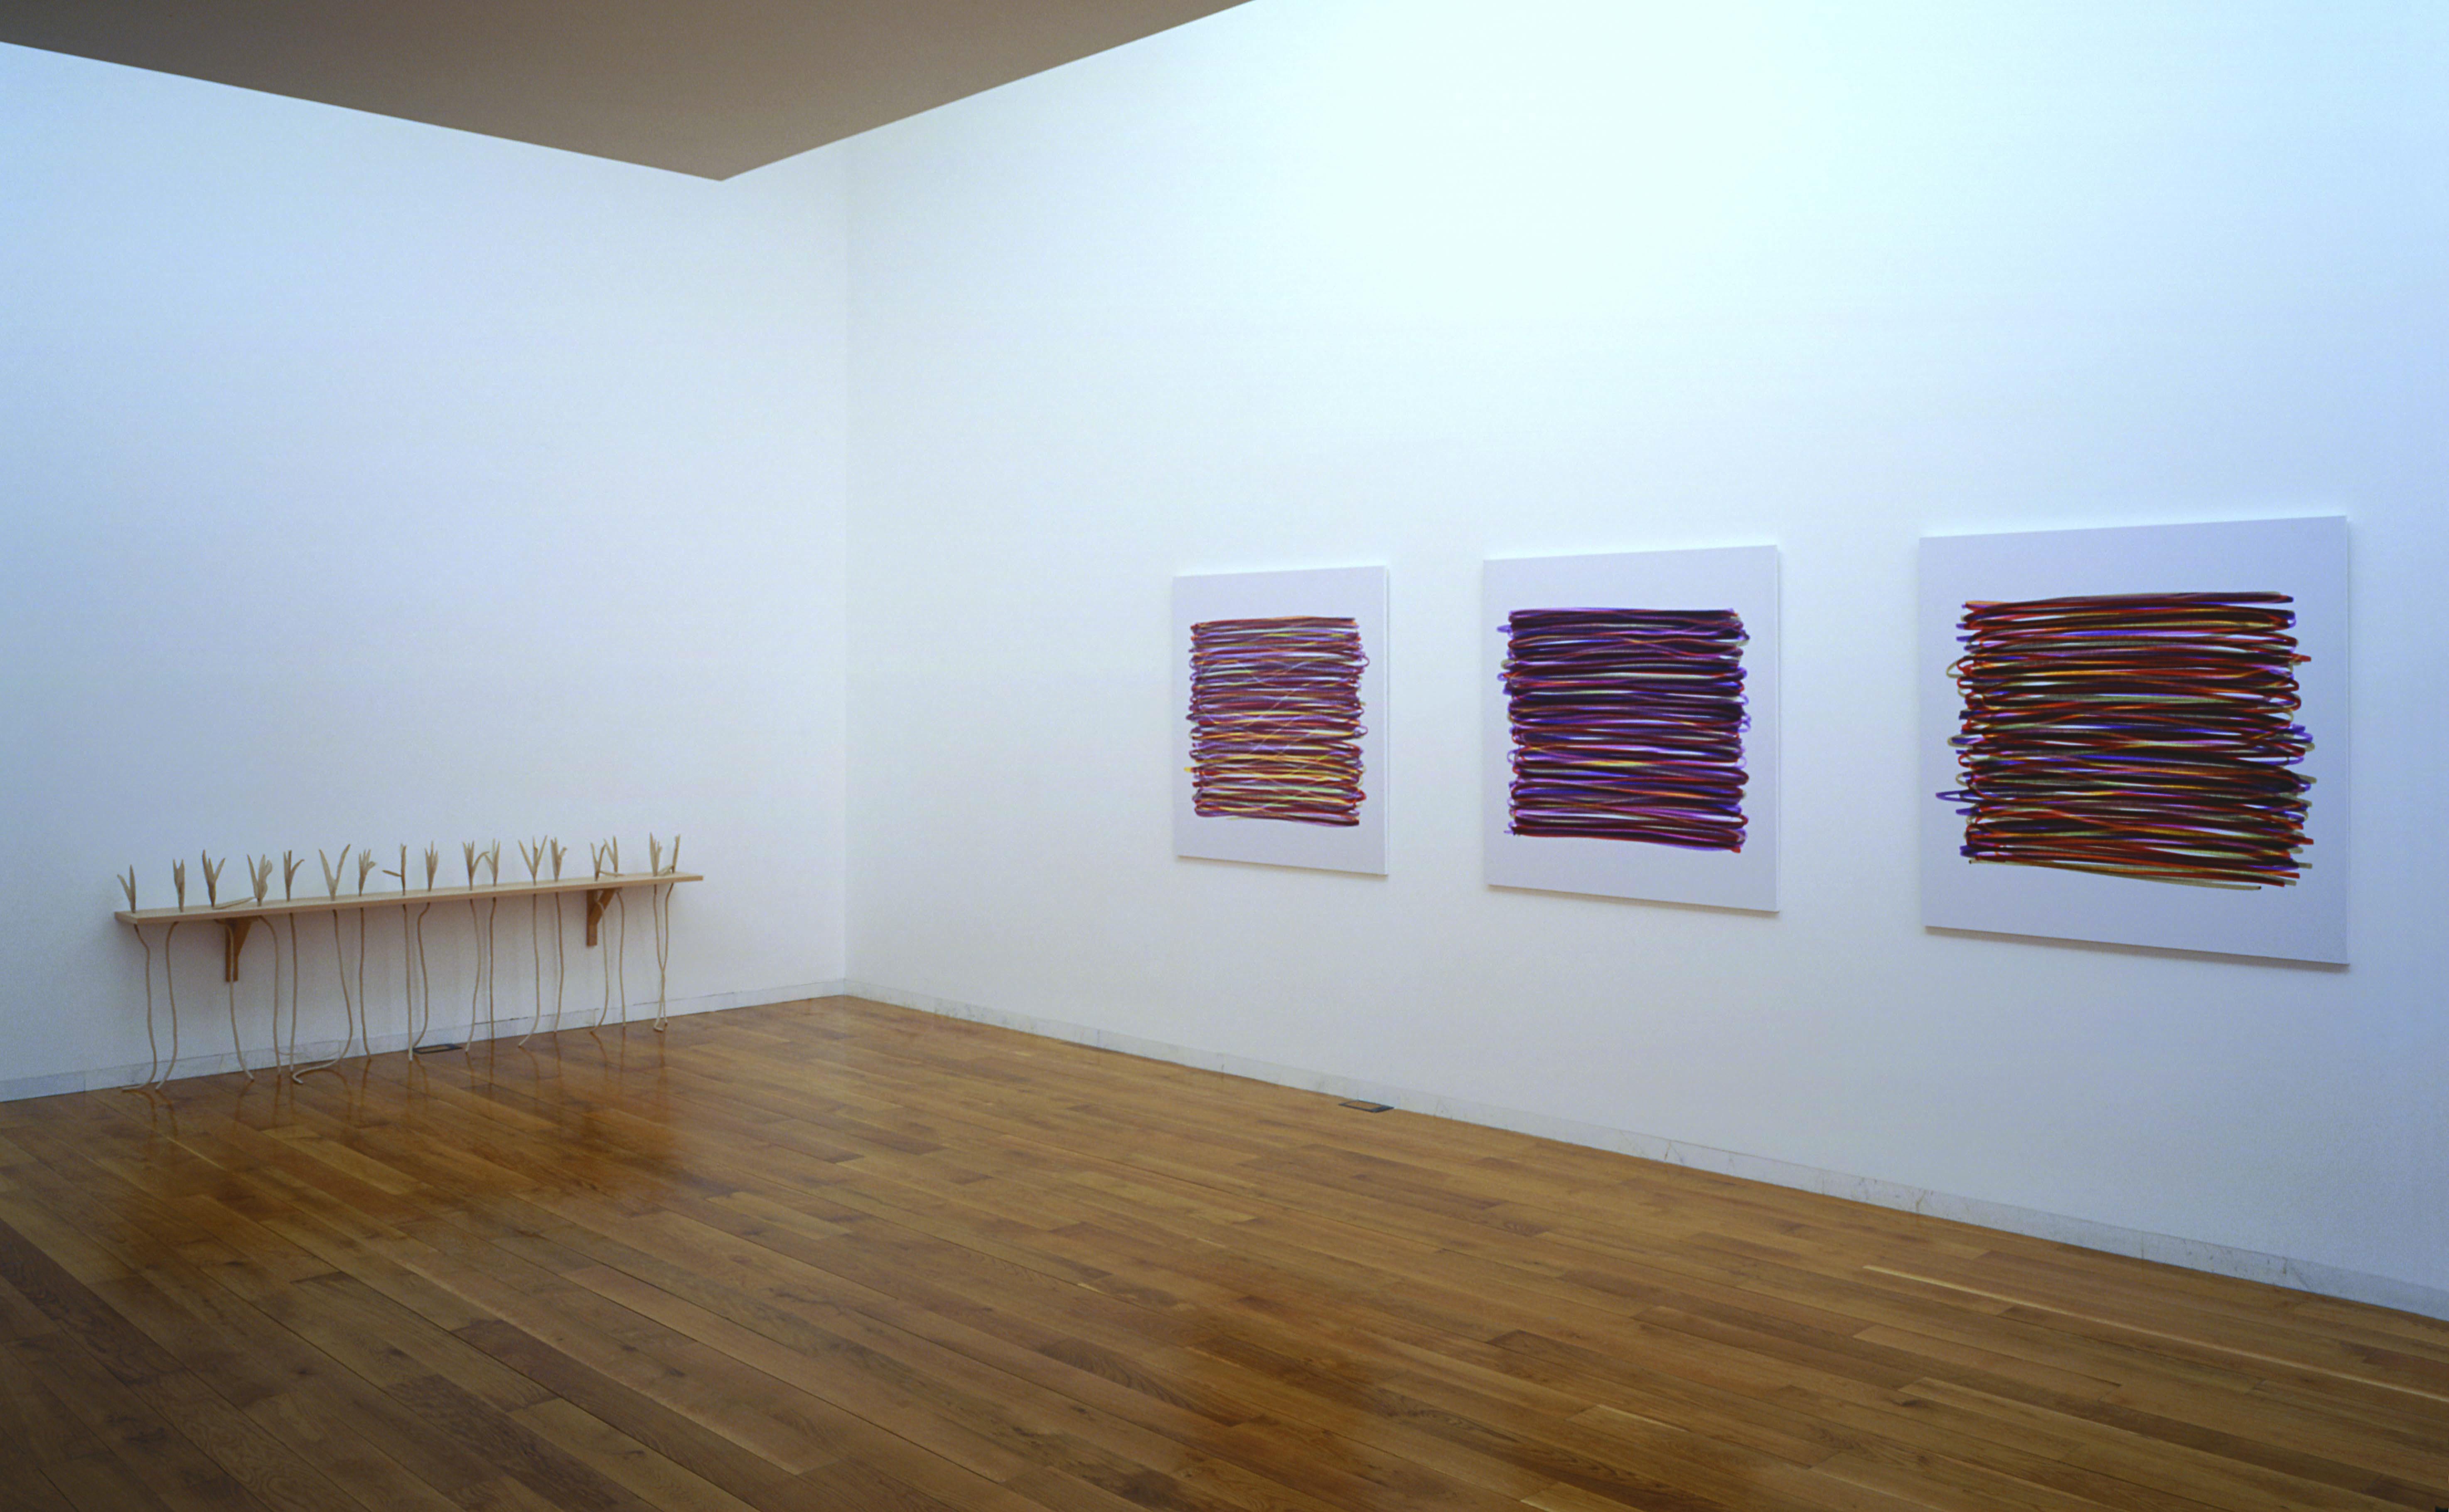 Rencontres, 1997. Fotografía, 120 x 120 cm.